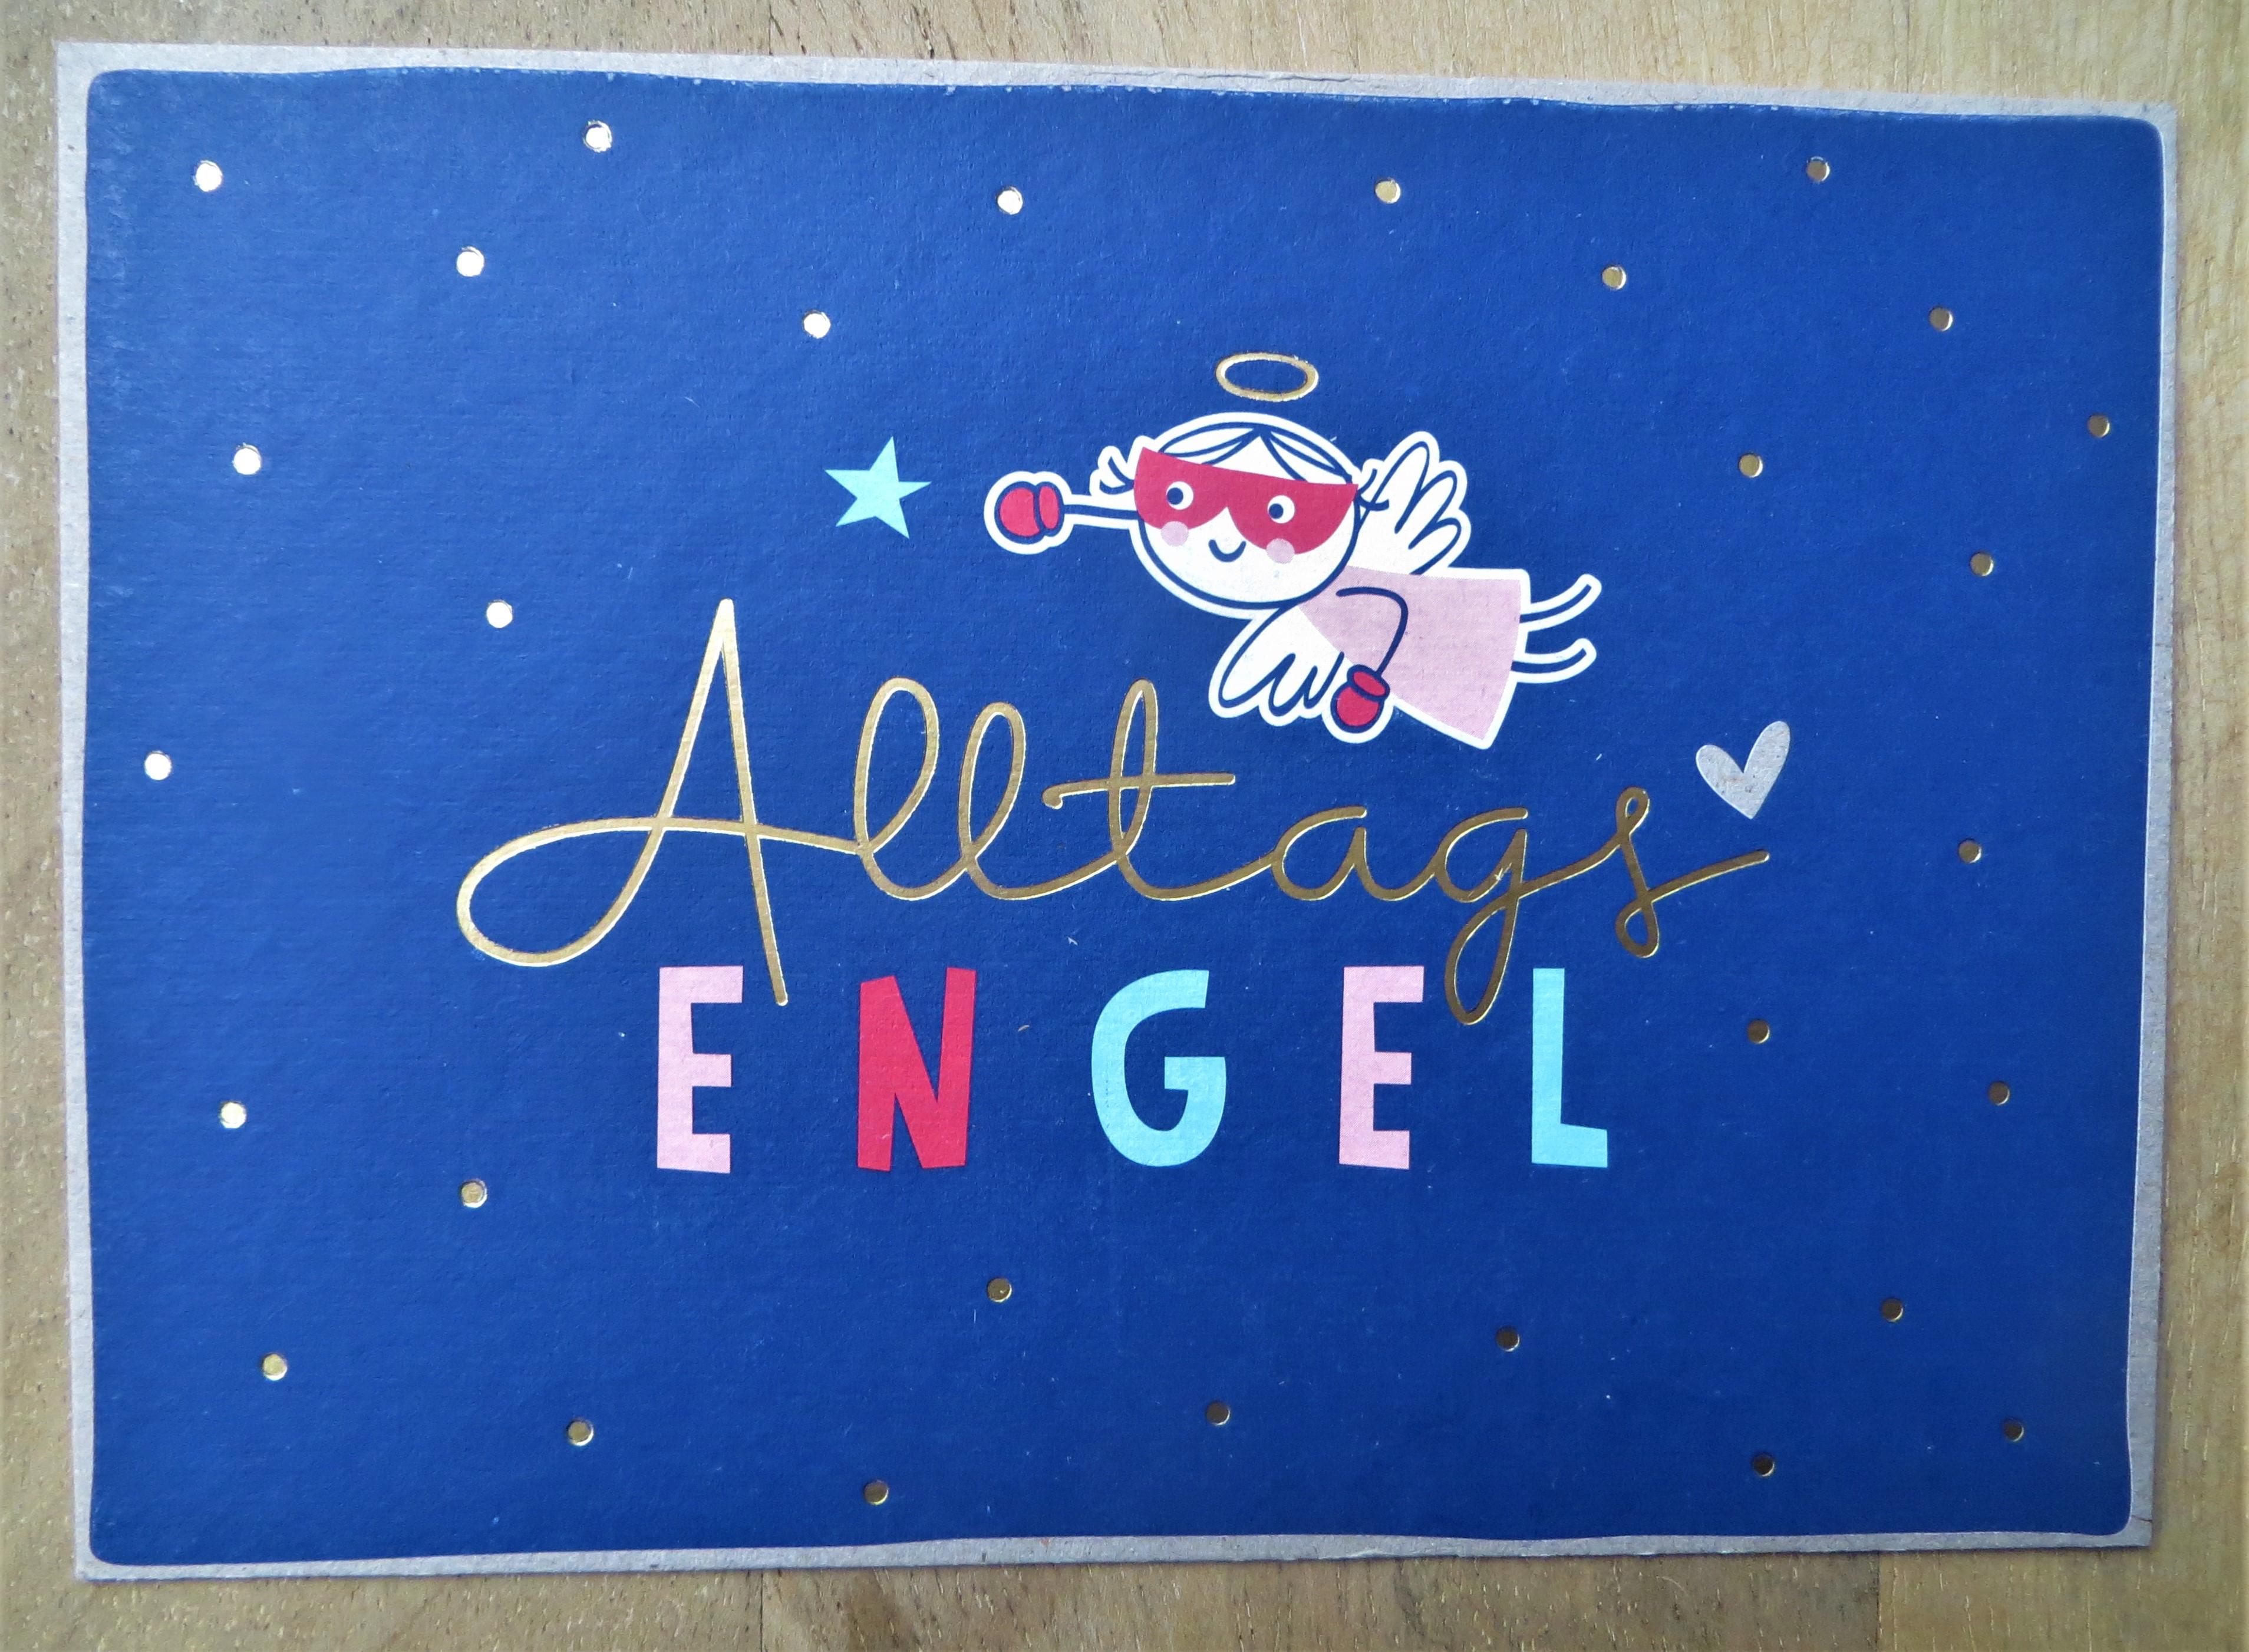 Nützlichgrusskarten - Postkarte AlltagsENGEL KUNST und BILD - Onlineshop Tante Emmer